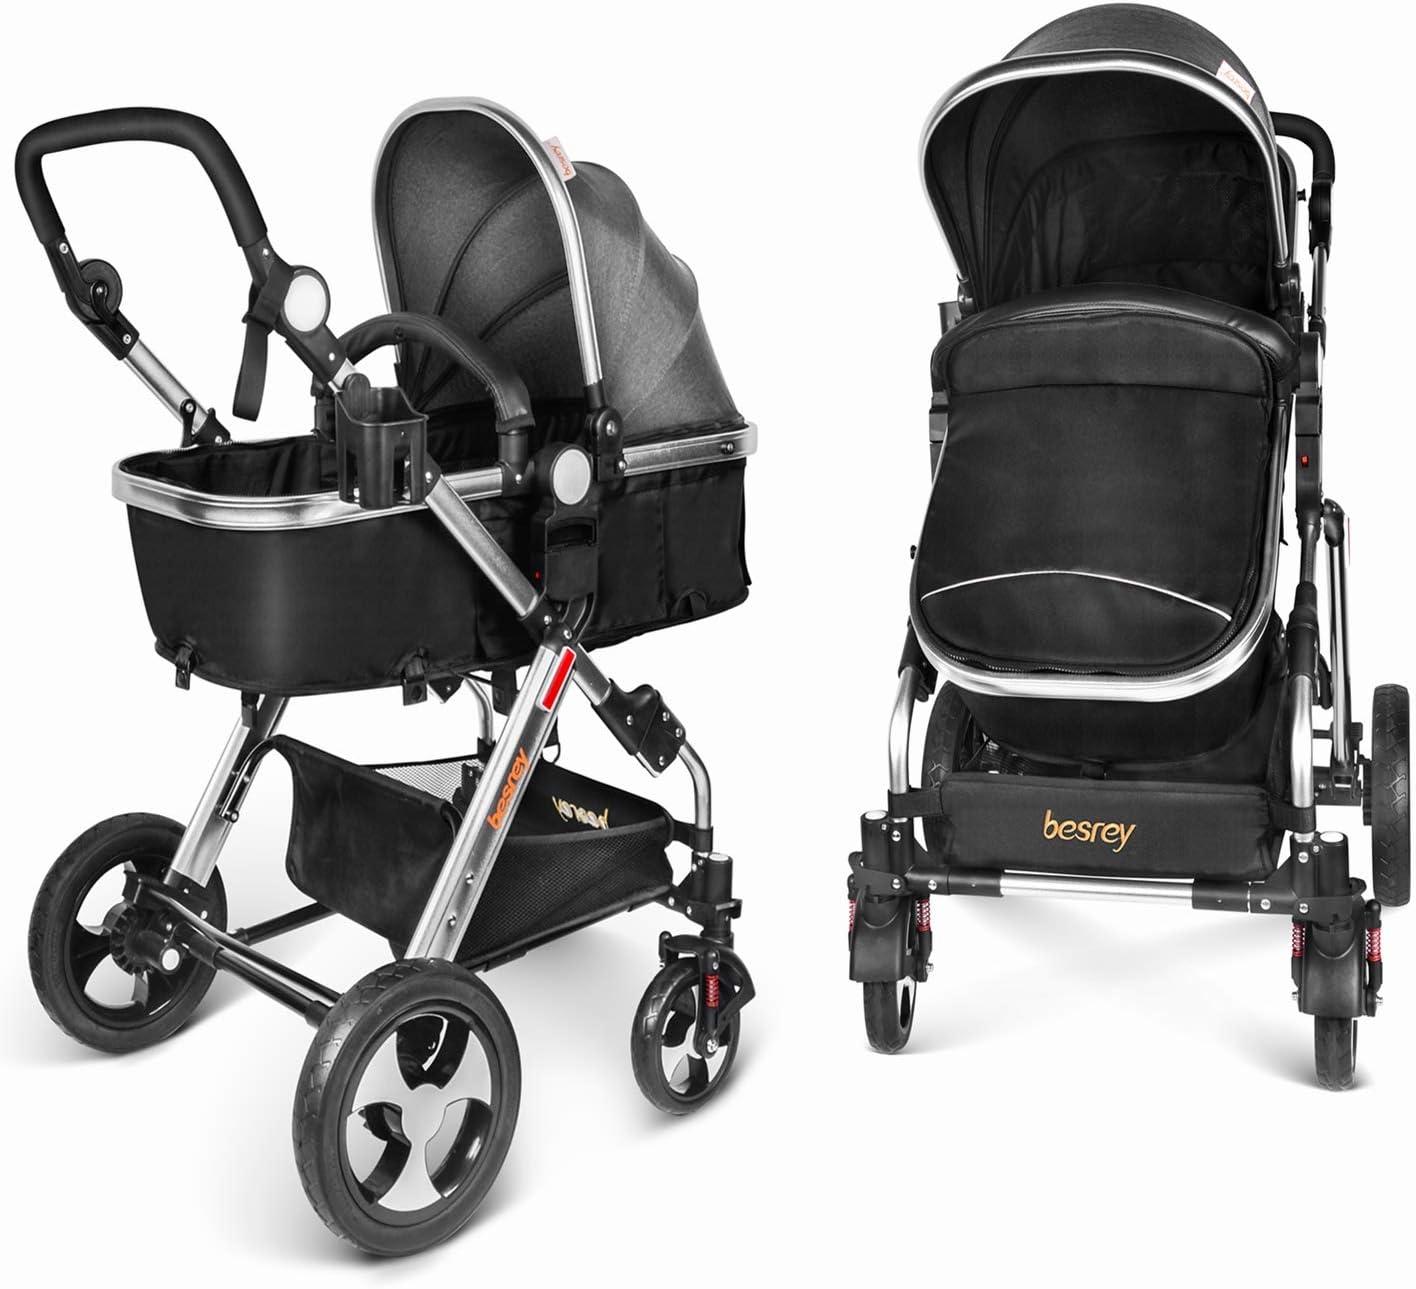 Besrey 2 en 1 Carro Bebe Carritos Bebe con capazo Silla de Paseo Reversible Cochecito Infantil 0-3 años Ruedas Grande